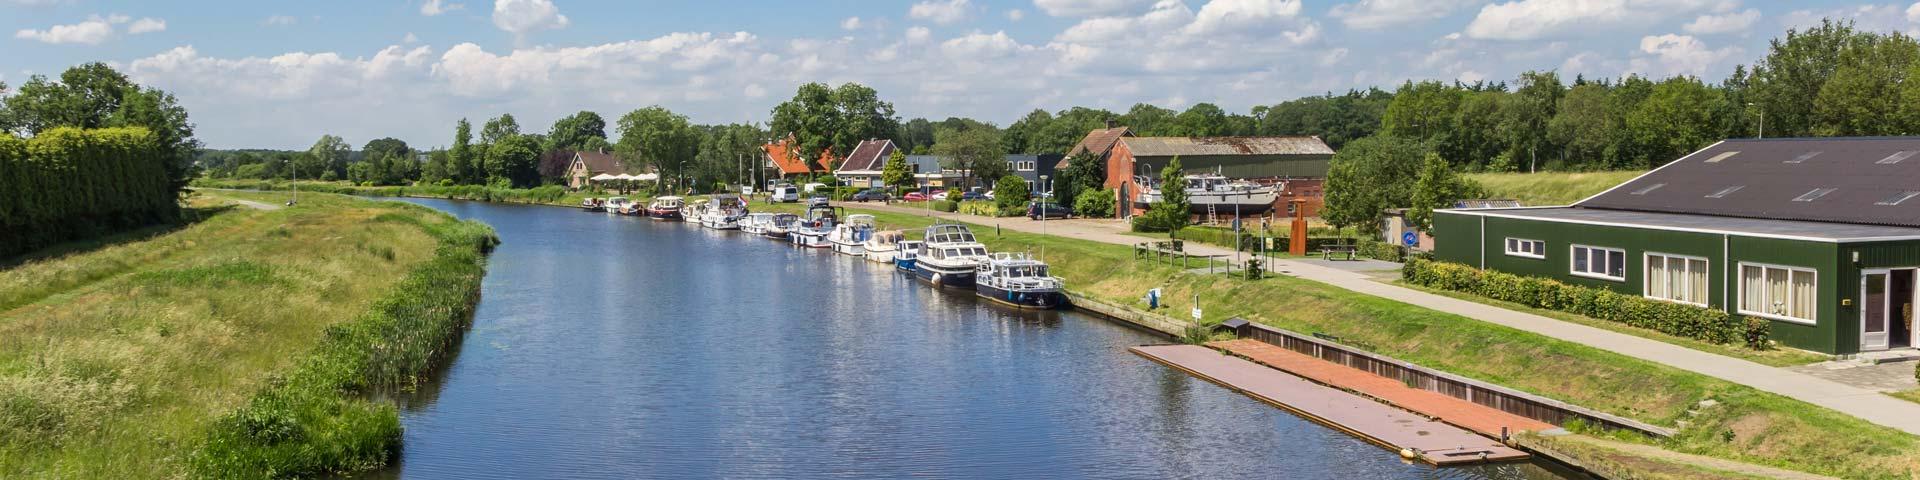 snel internet in Drenthe